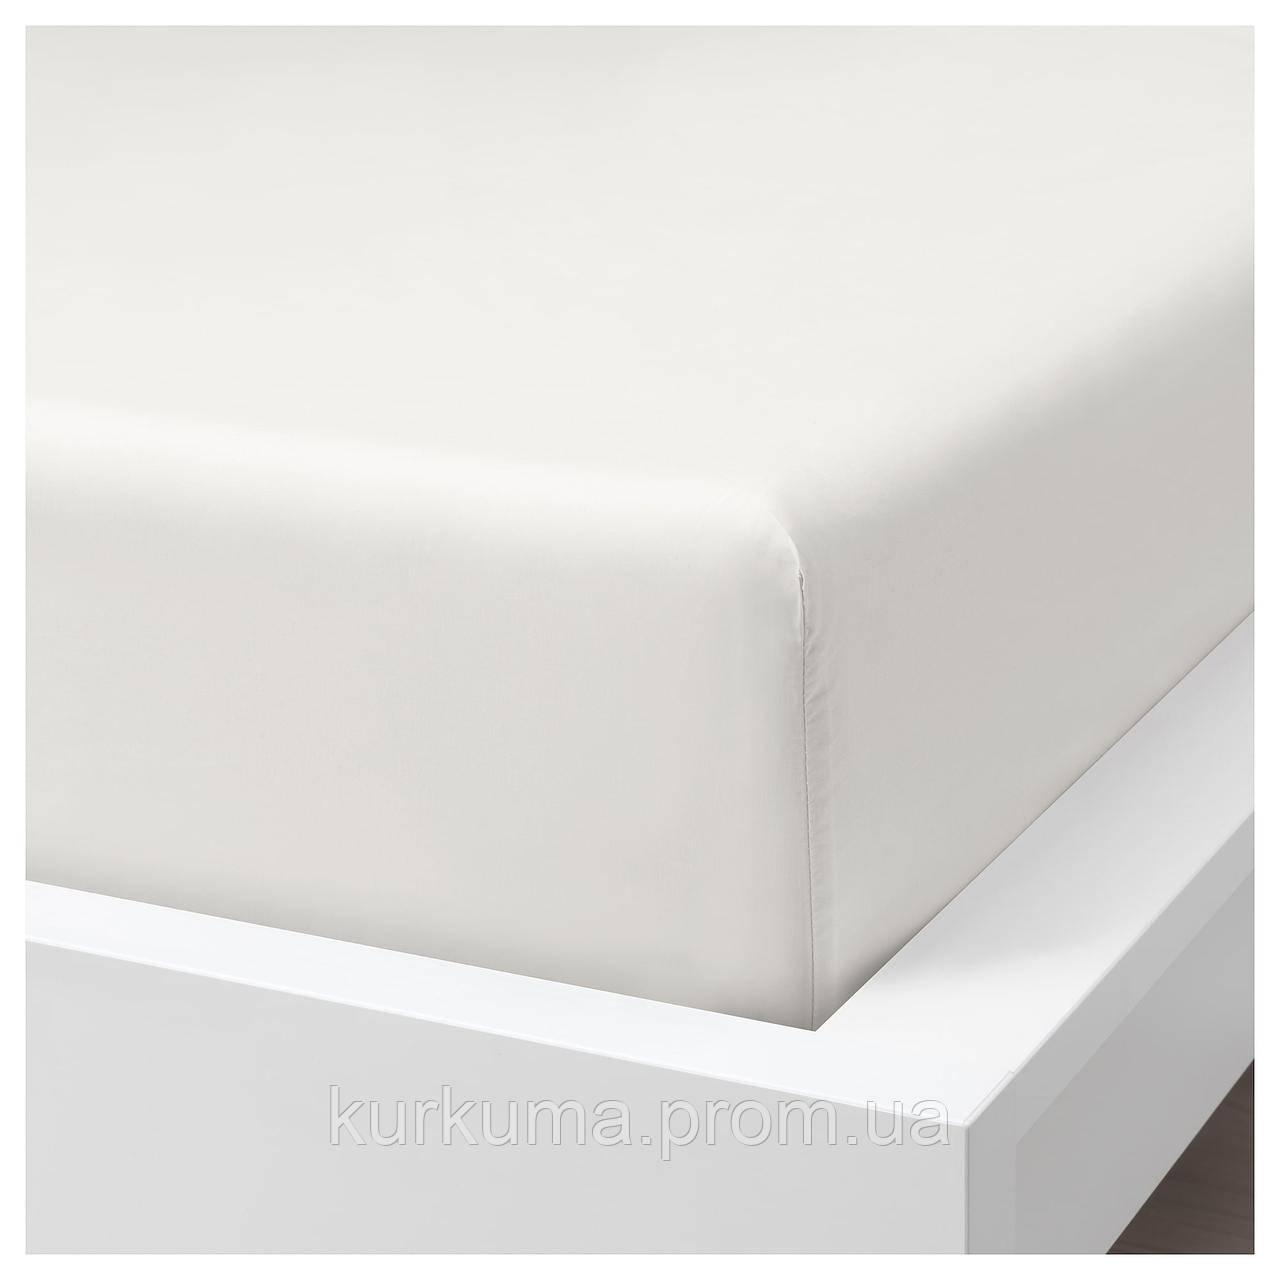 IKEA SOMNTUTA Простыня с резинкой, белый  (004.128.07)